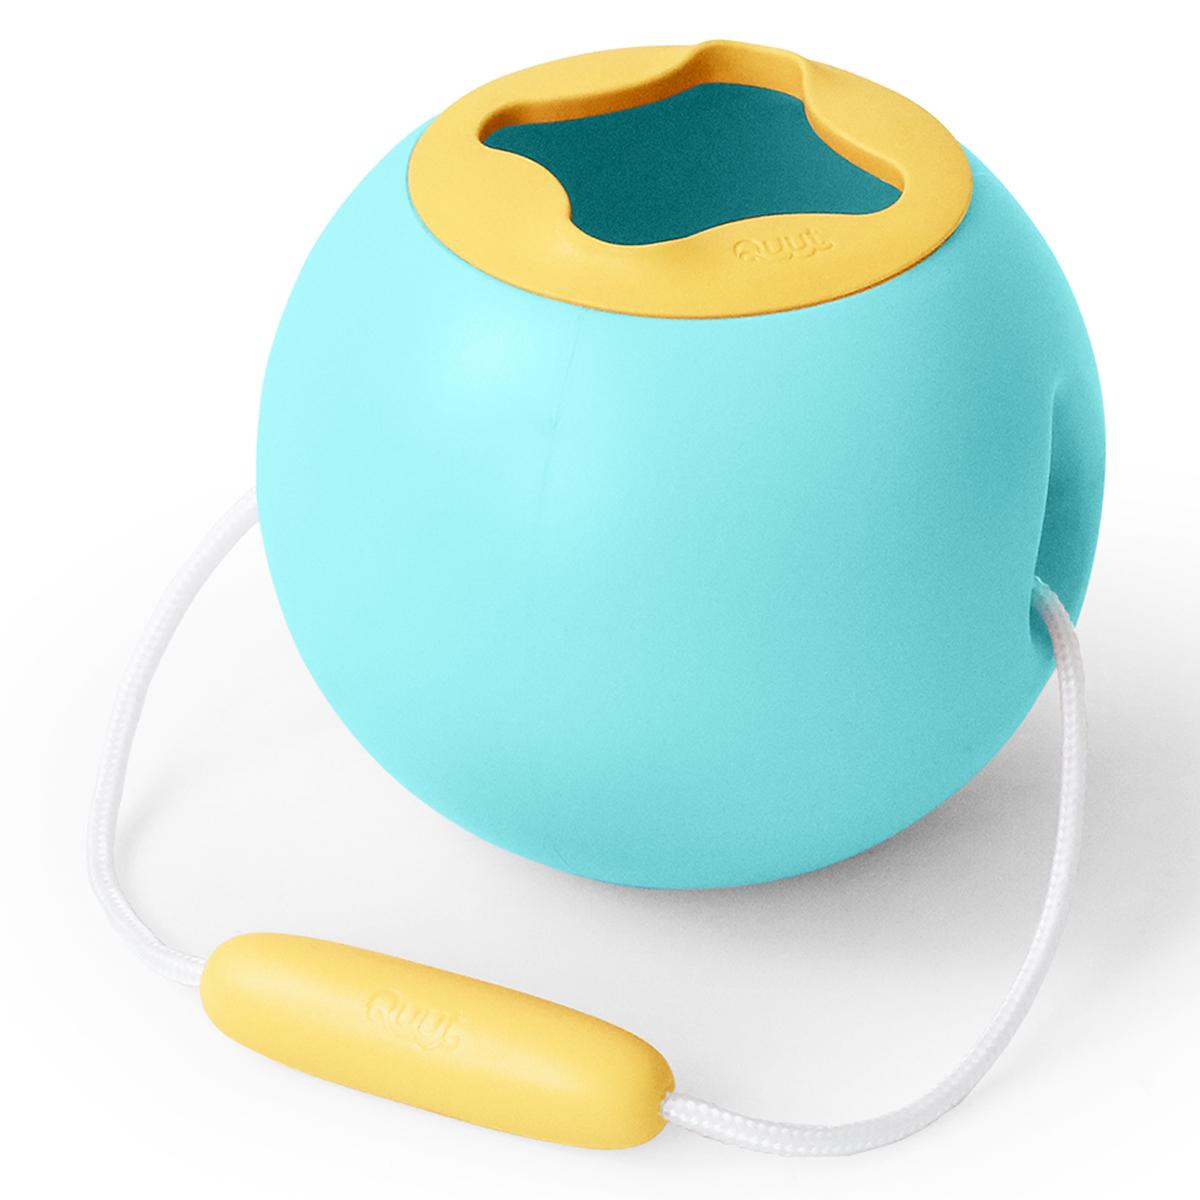 Mes premiers jouets Seau Mini Ballo - Bleu Seau Mini Ballo - Bleu